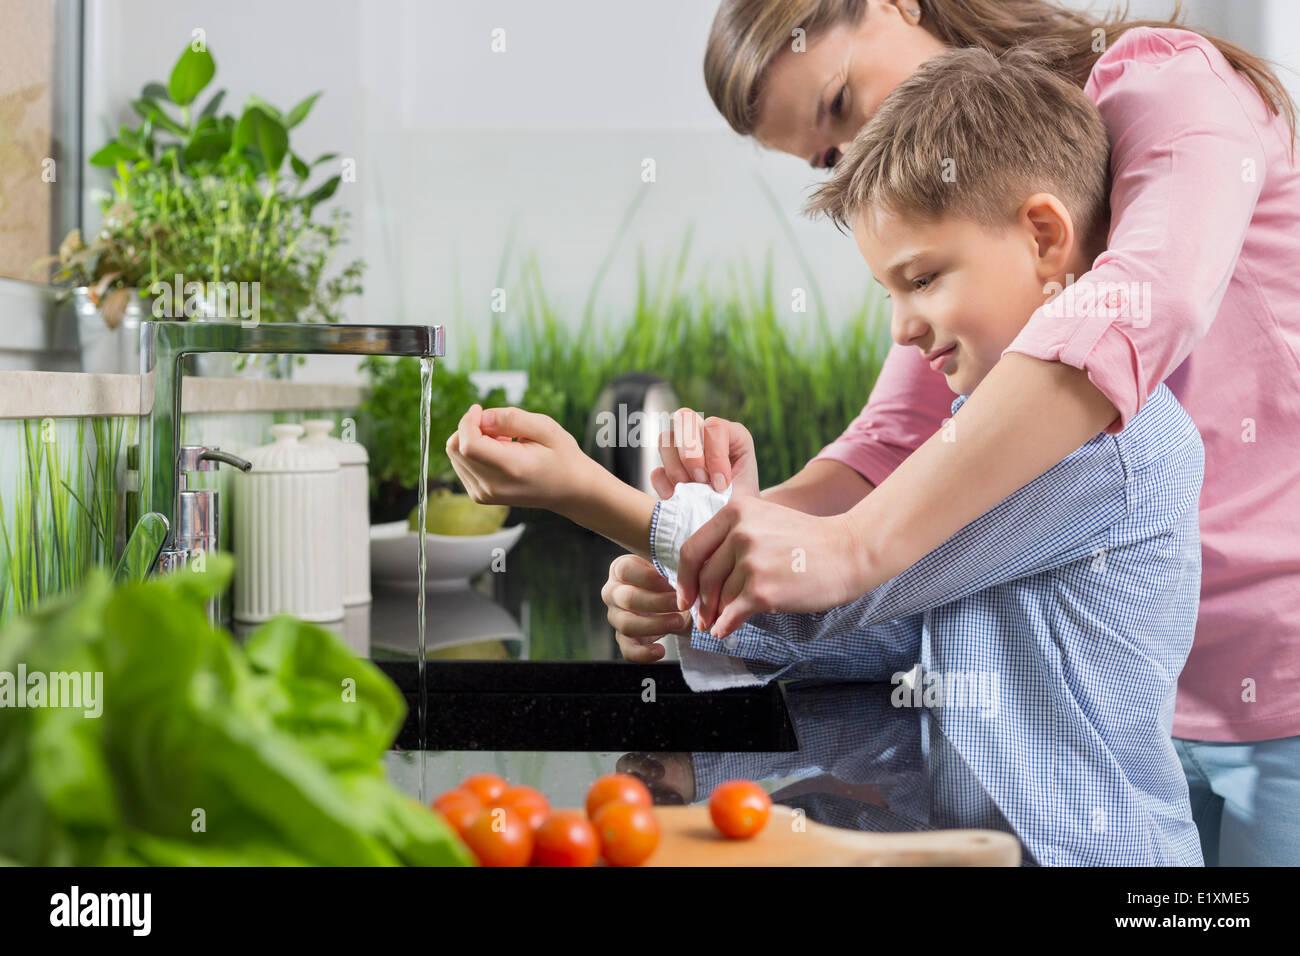 Mutter Unterstützung Sohn beim Falzen Ärmel beim Händewaschen in Küche Stockbild